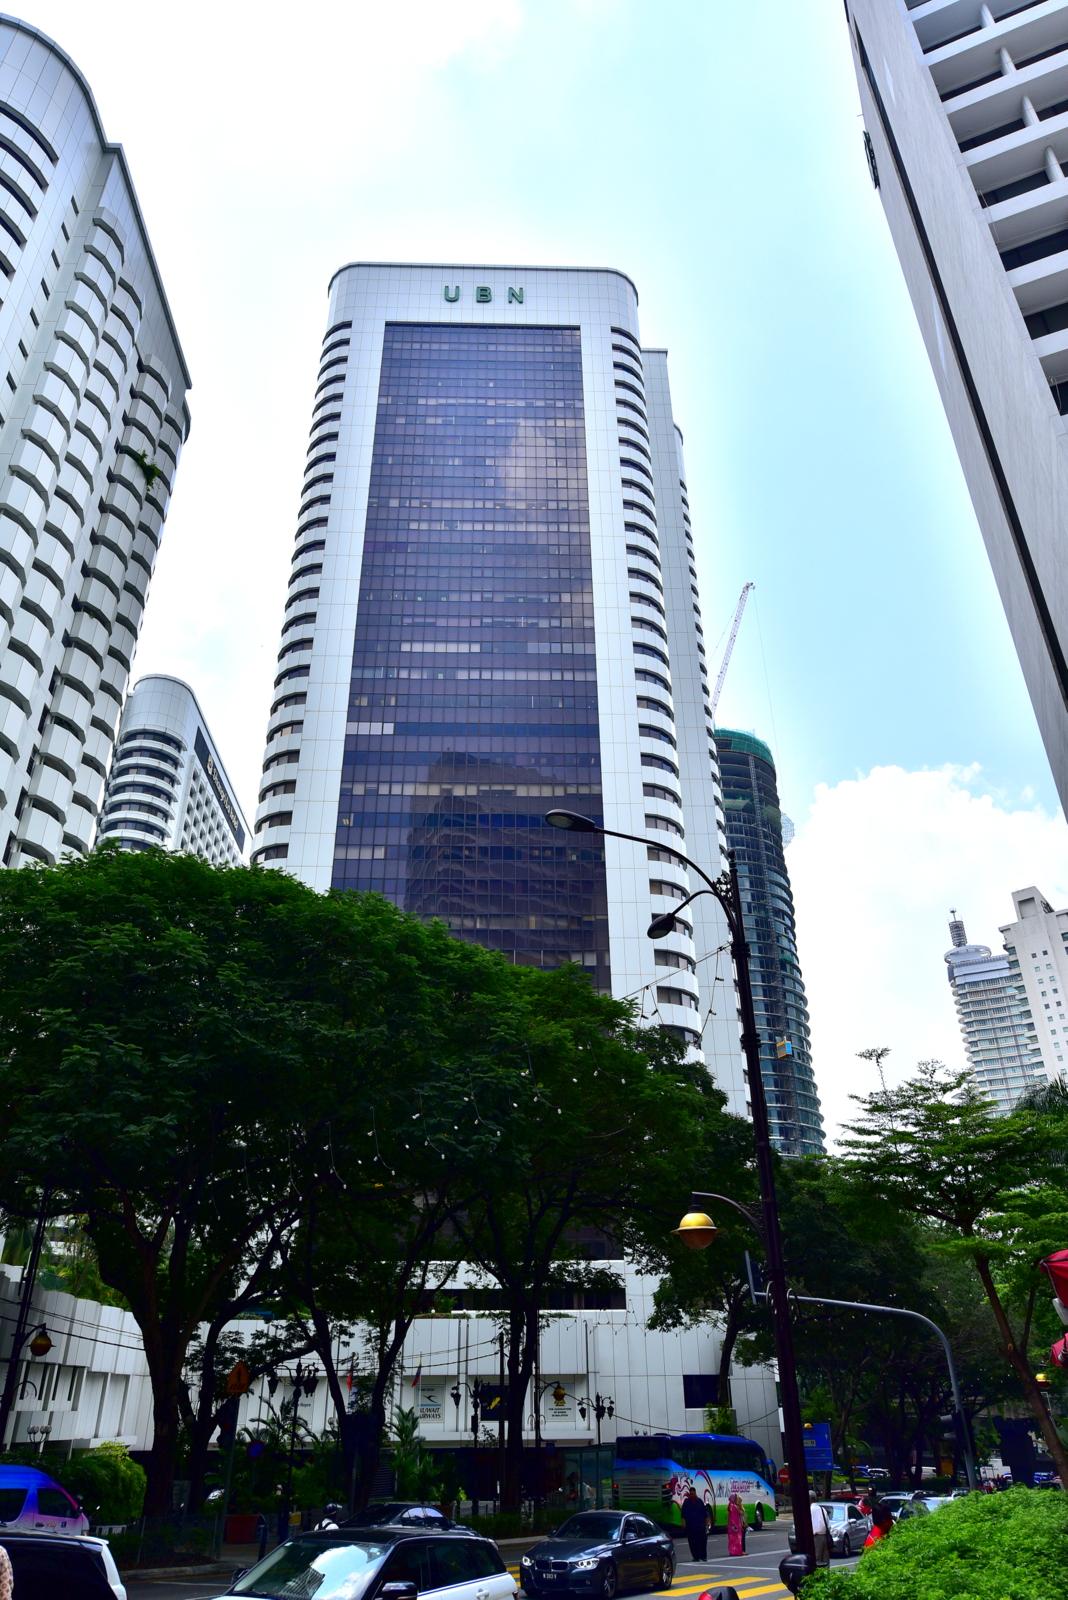 マレーシアの転職エージェント JAC Recruitment マレーシアが入るビル